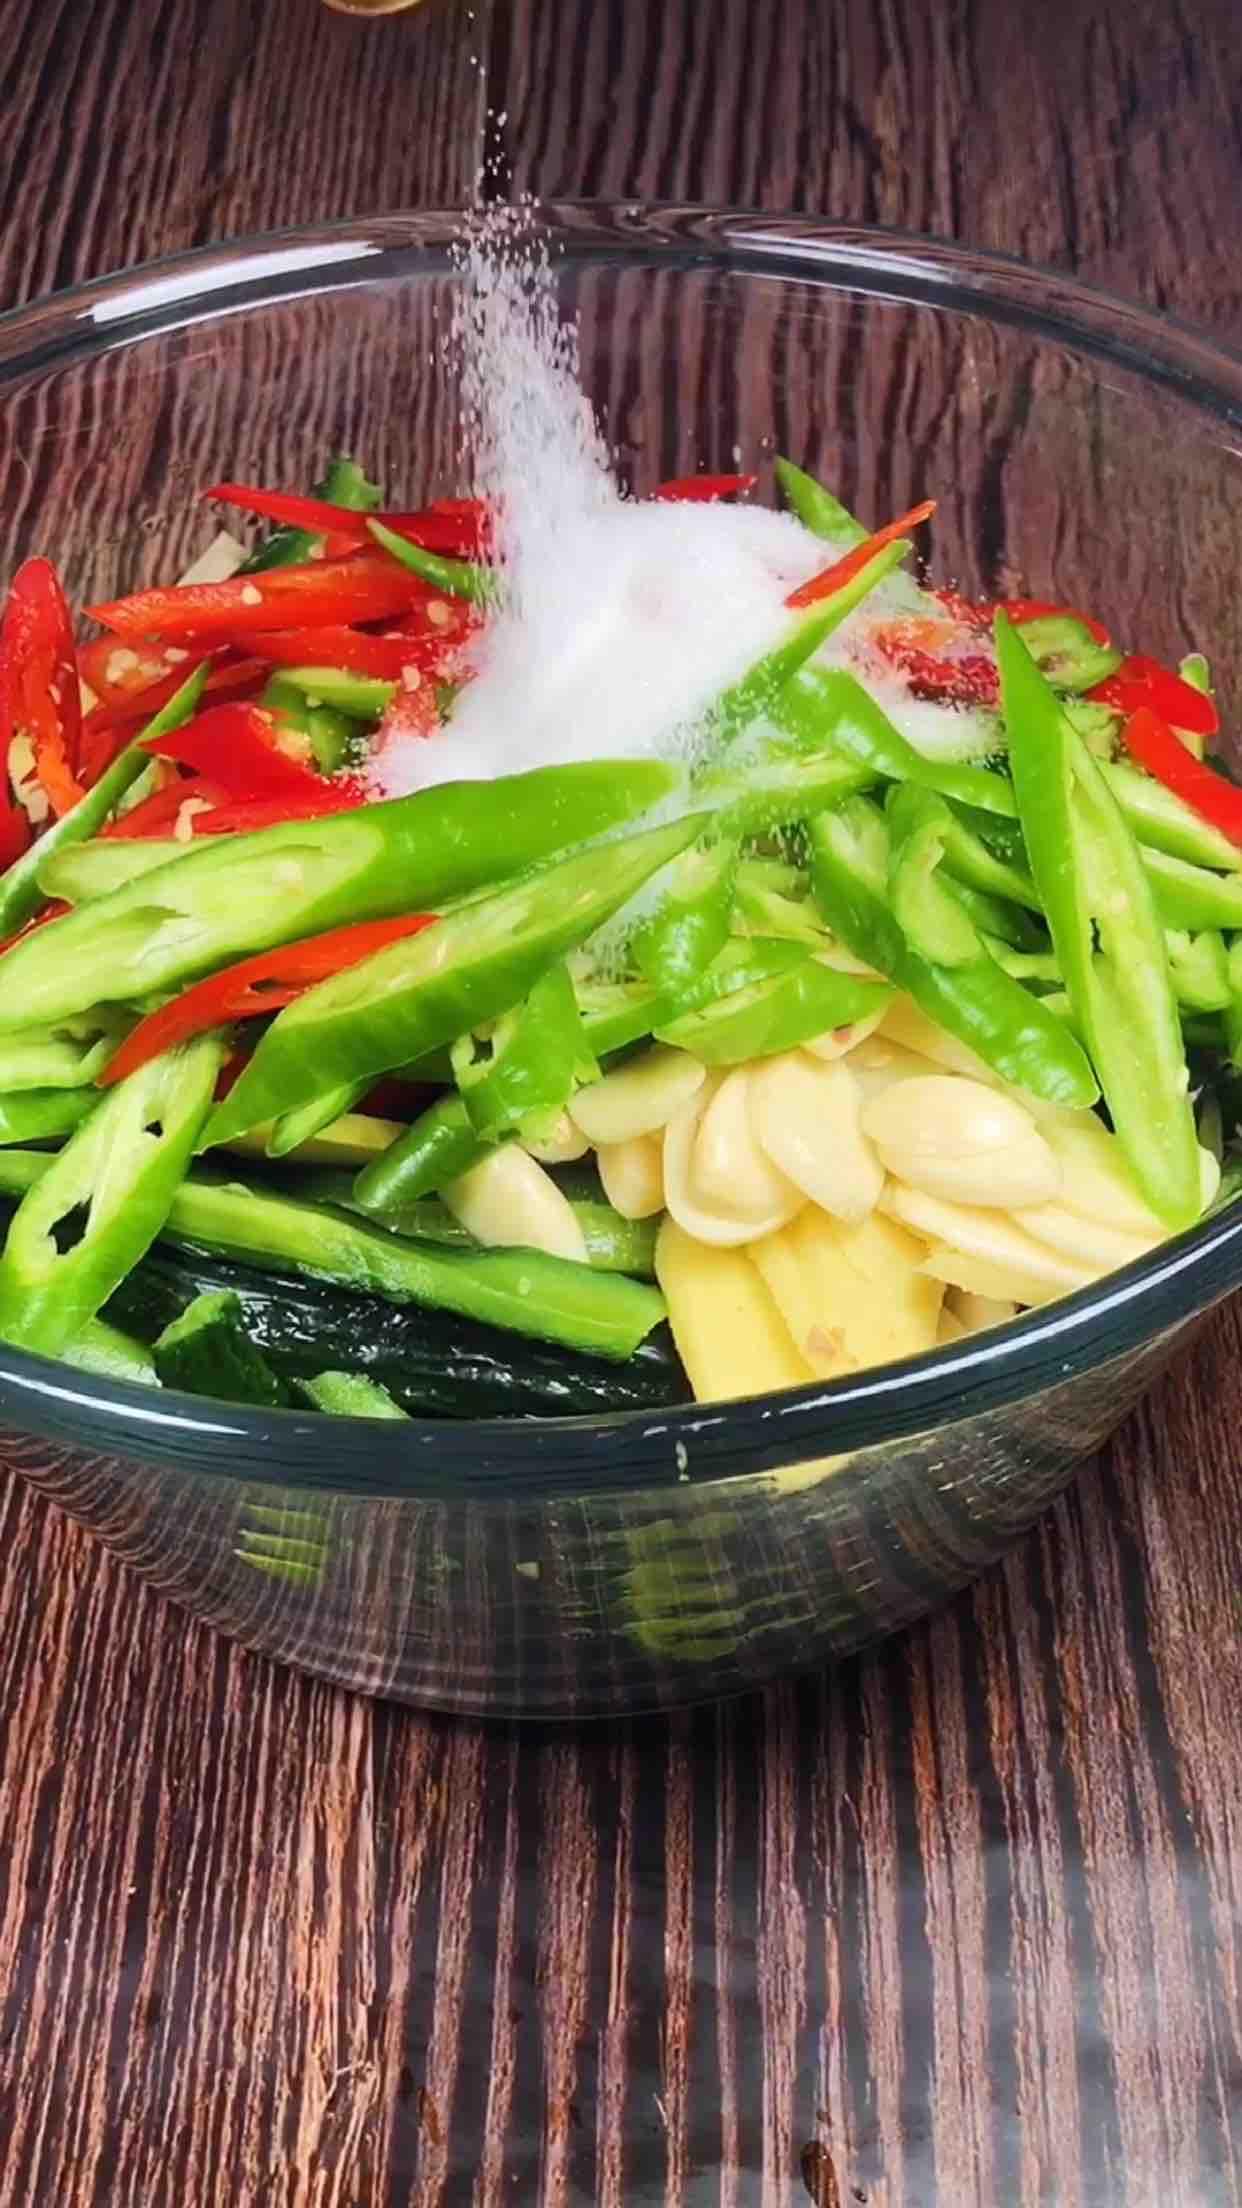 脆腌黄瓜怎样做